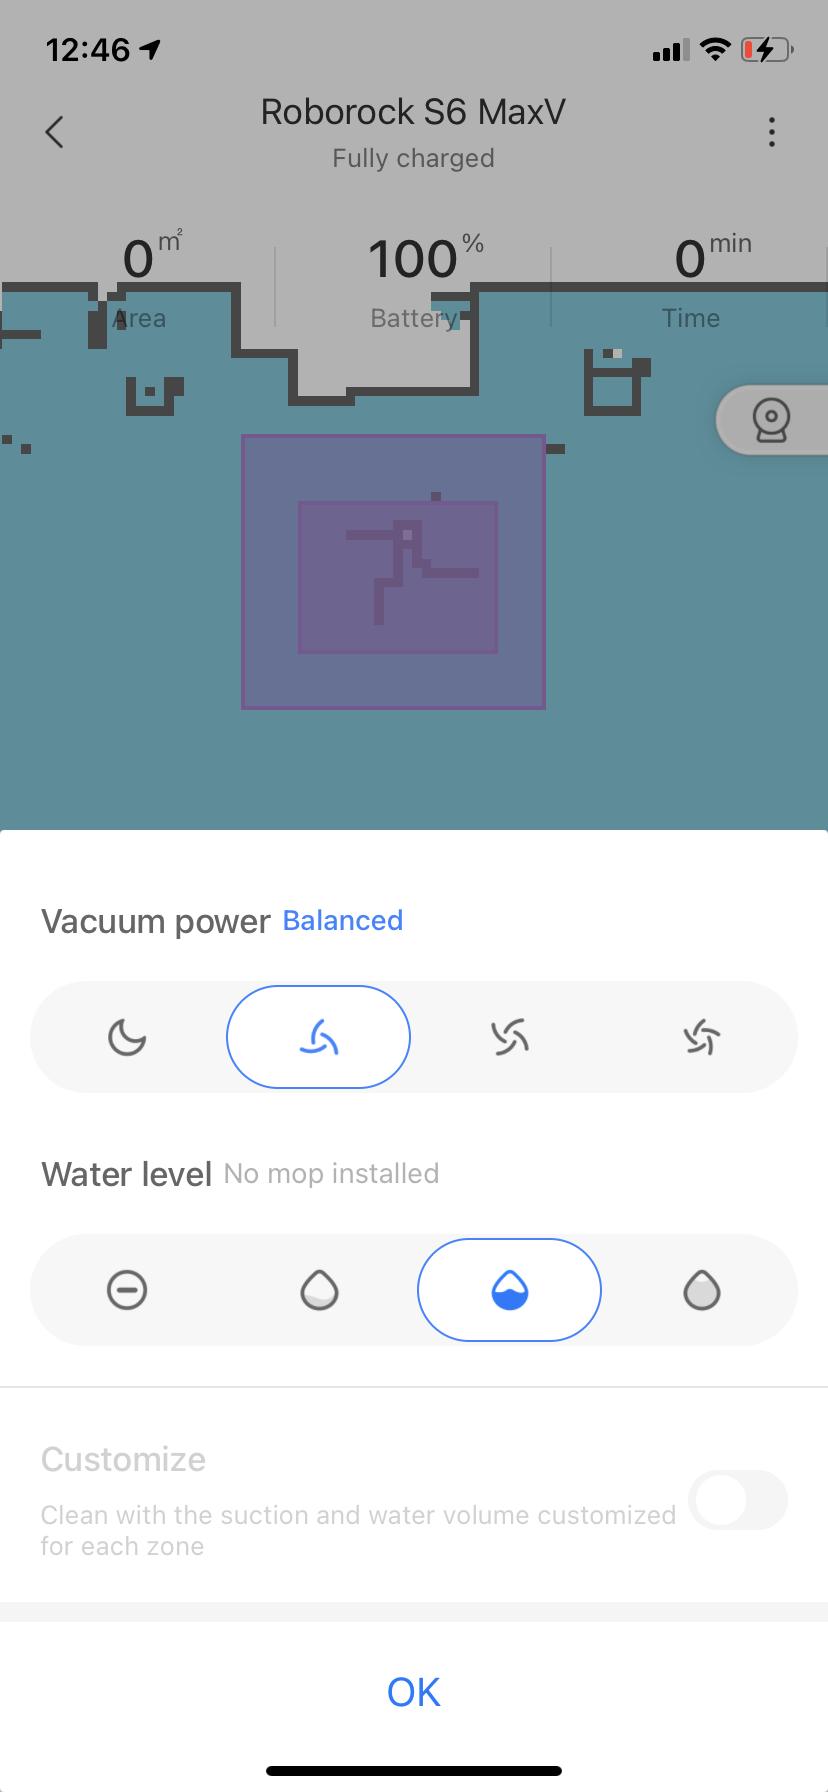 Roborock S6 MaxV Vacuum App